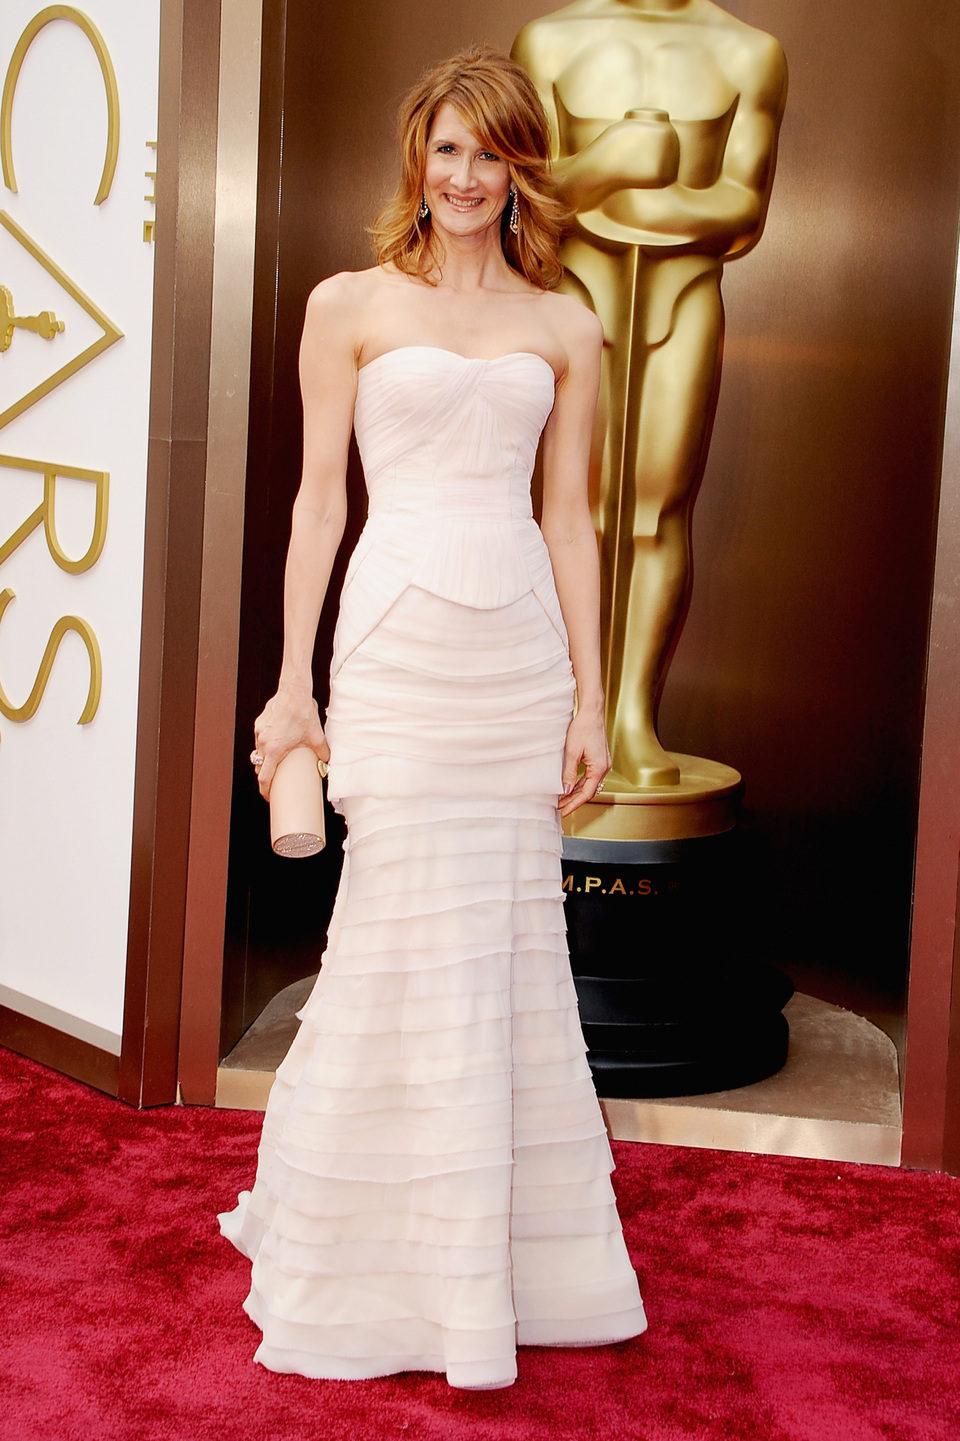 Laura Dern en la alfombra roja de los Oscar 2014